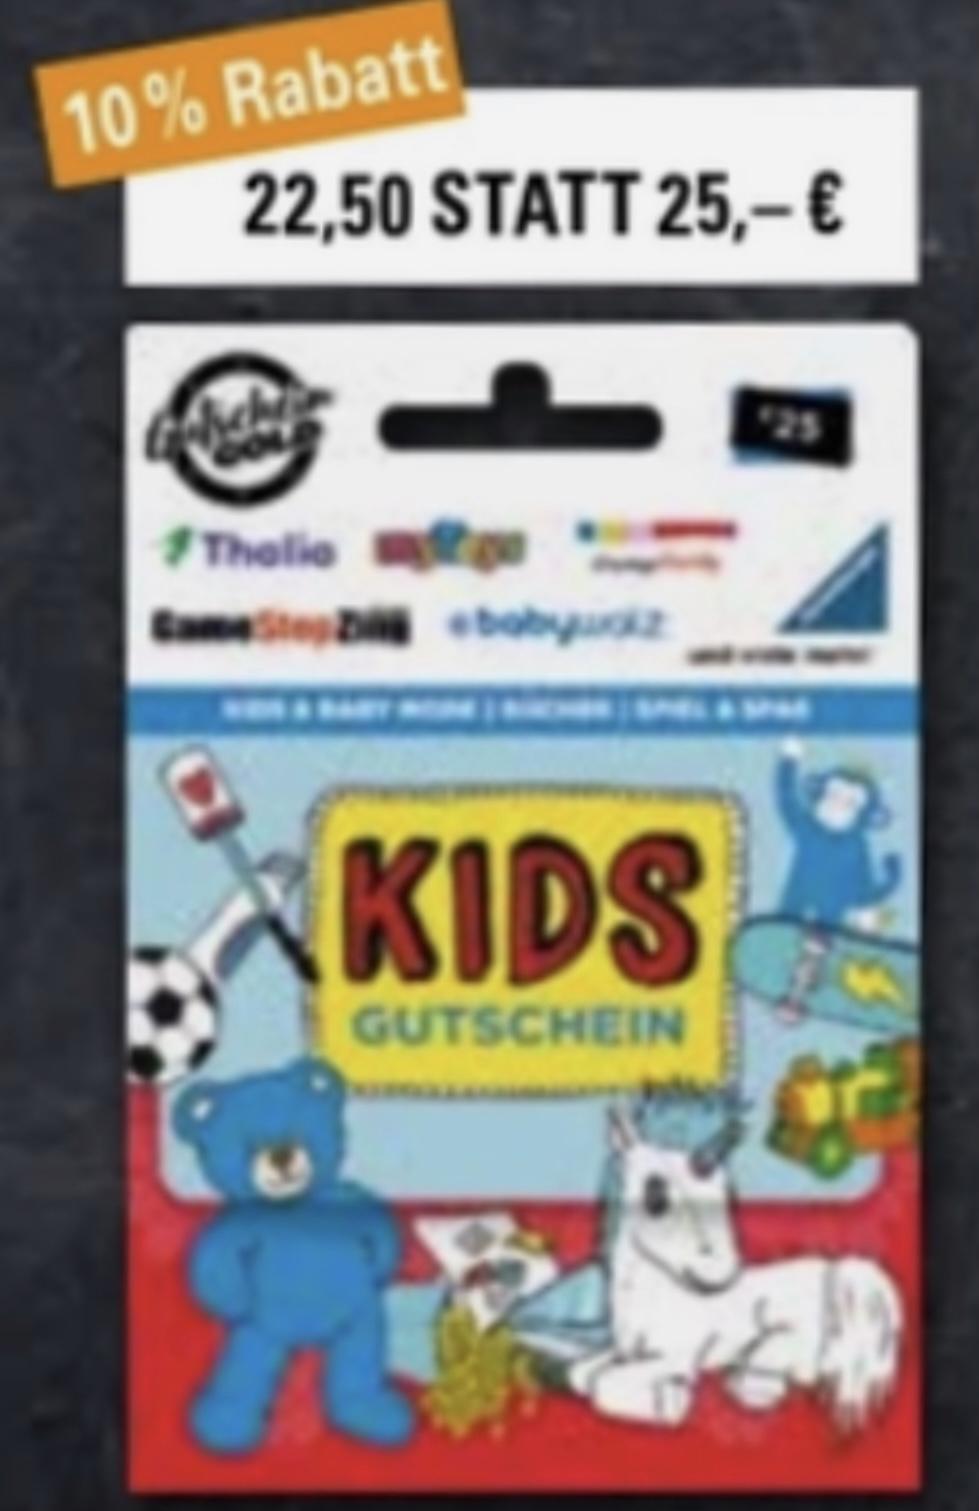 EDEKA/Marktkauf Nordbayern, Sachsen, Thüringen: 10% Rabatt auf Kids Universalgutscheine für z.B. mytoys, GameStop oder Xbox Guthaben nutzbar